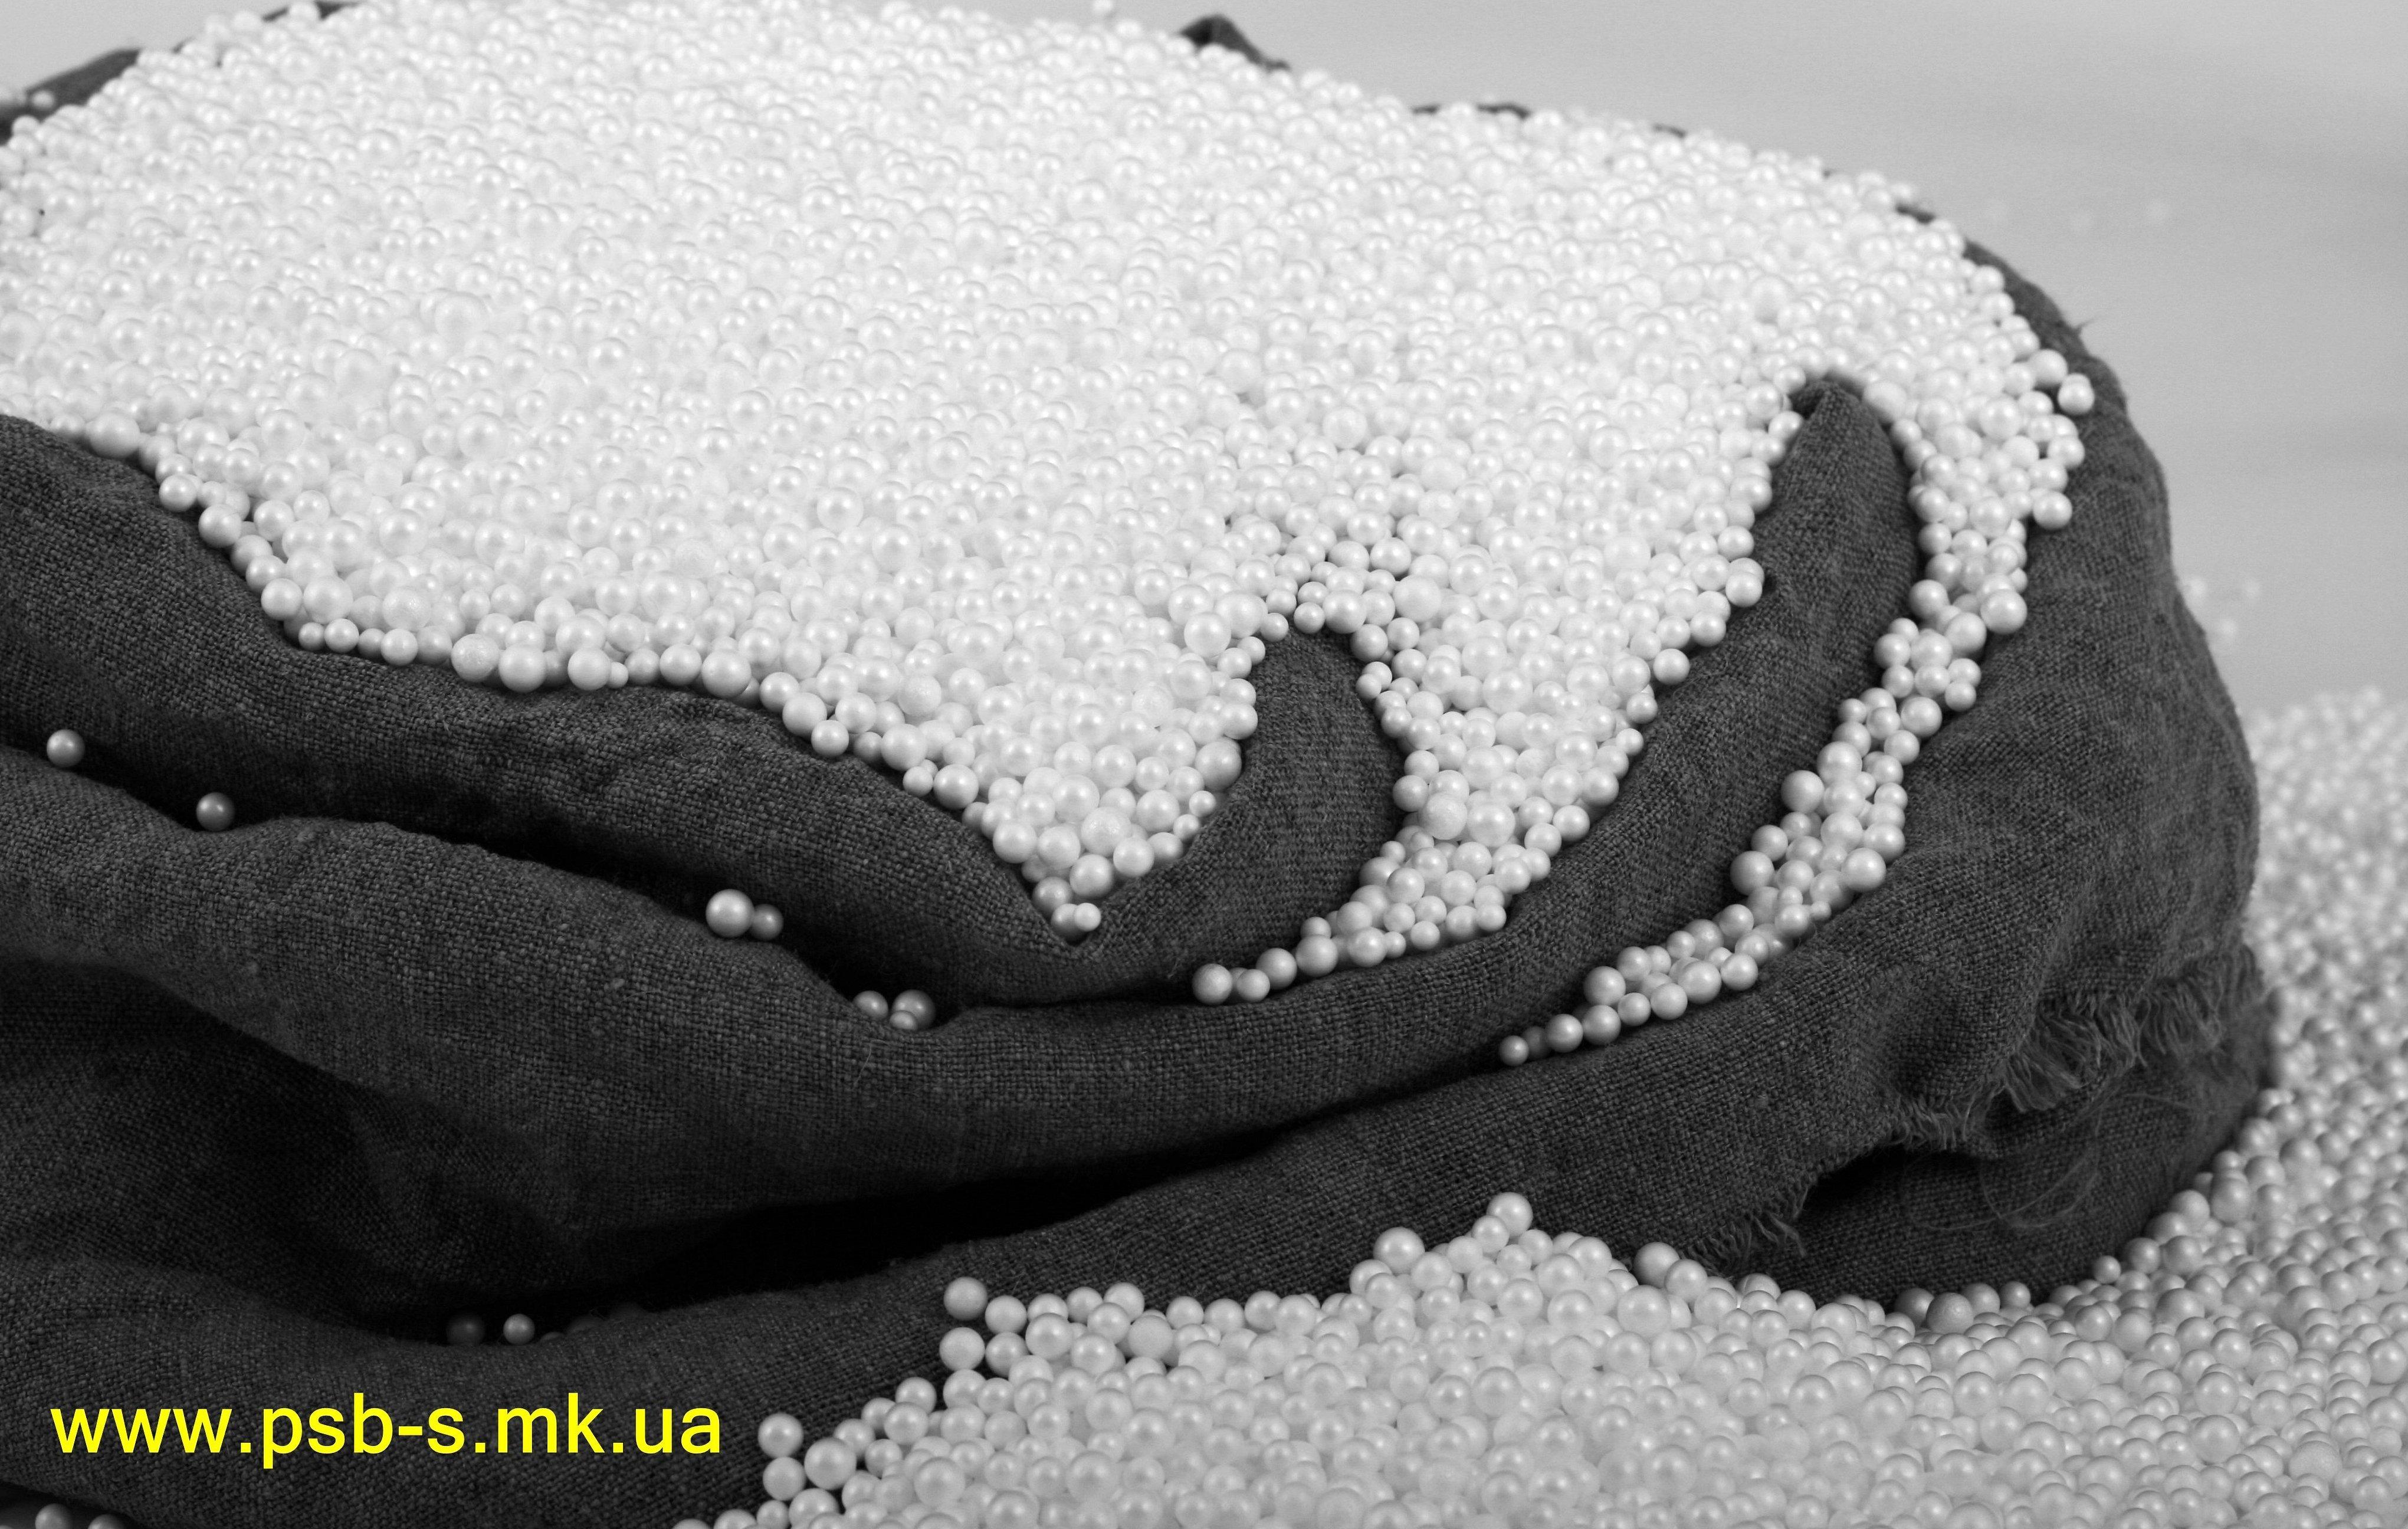 Наполнитель гранулы пенополистирола для подушек